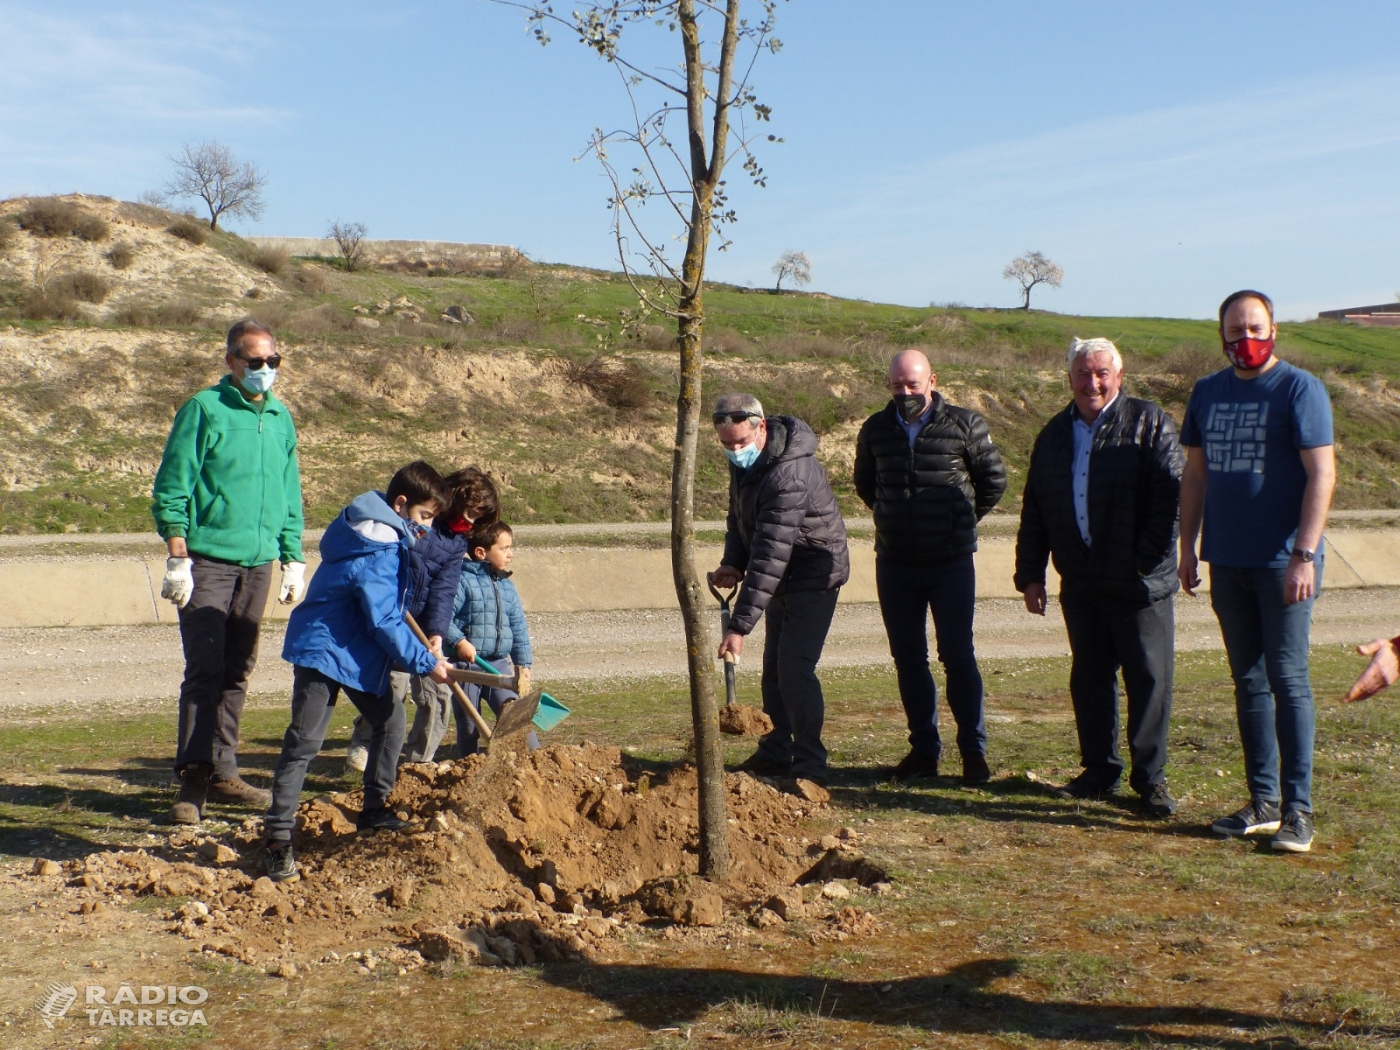 Canal Viu celebra els seus cinc anys de vida amb una plantada d'alzines a Castellserà